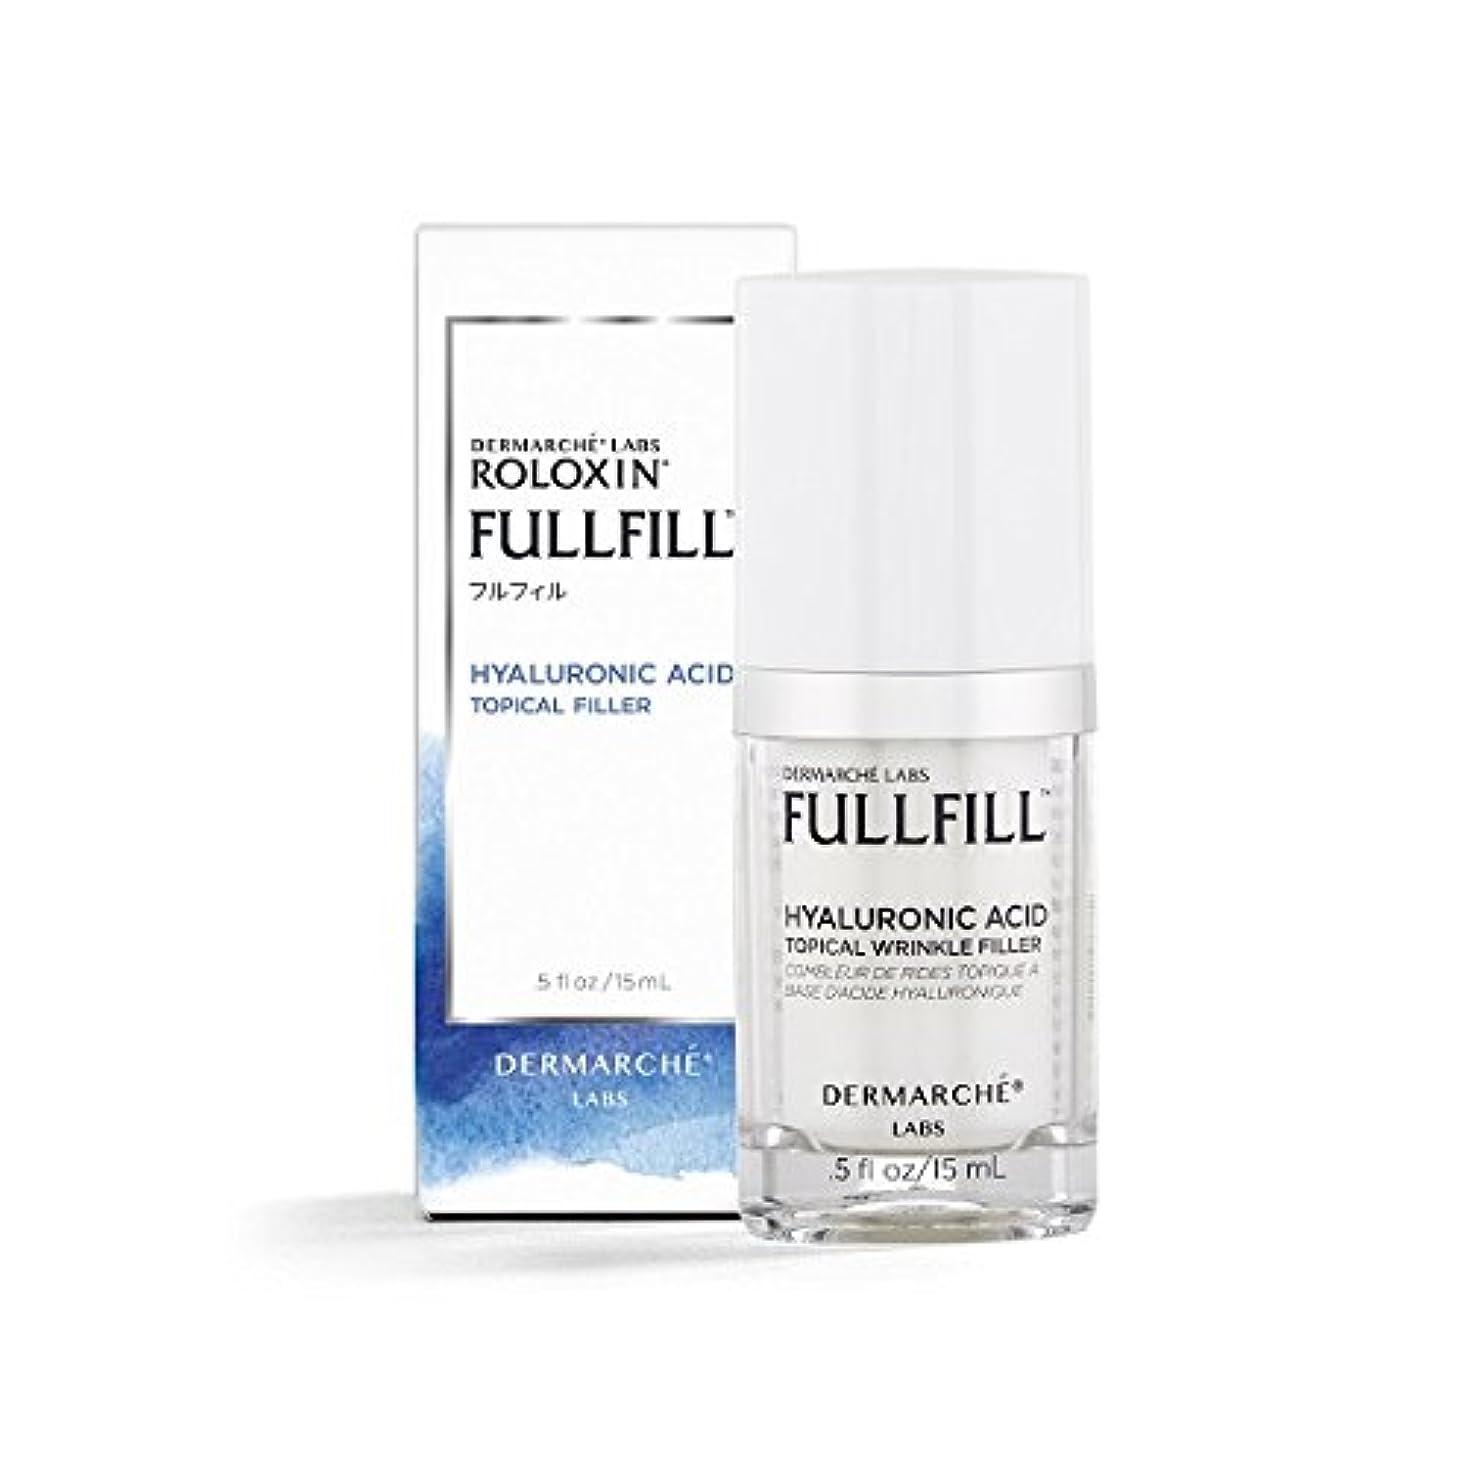 でも認知エイズダーマルシェラボ ロロキシン フルフィル DERMARCHE LABS ROLOXIN FULLFILL [ヒアルロン酸美容液] 15ml